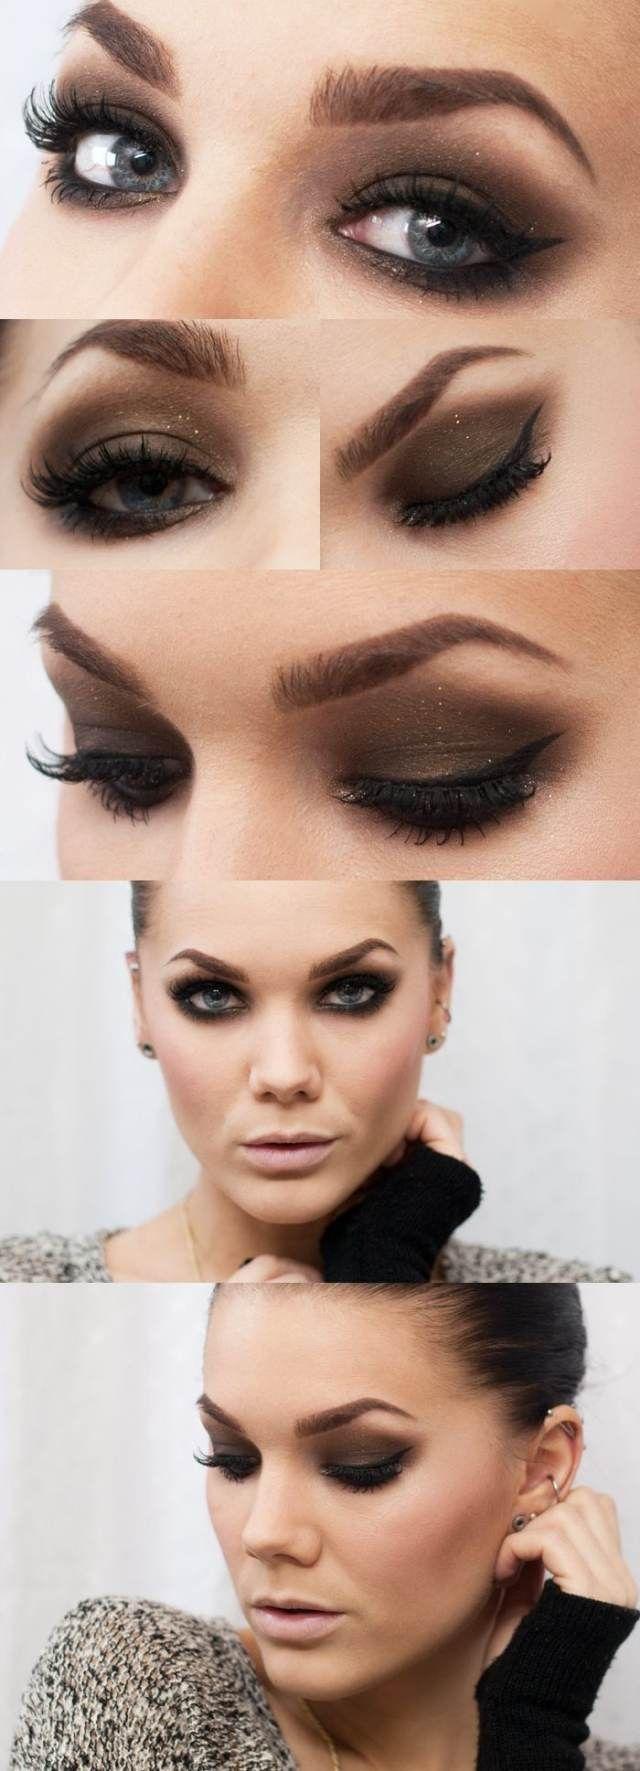 Tuto maquillage yeux – 25 belles photos et idées à imiter